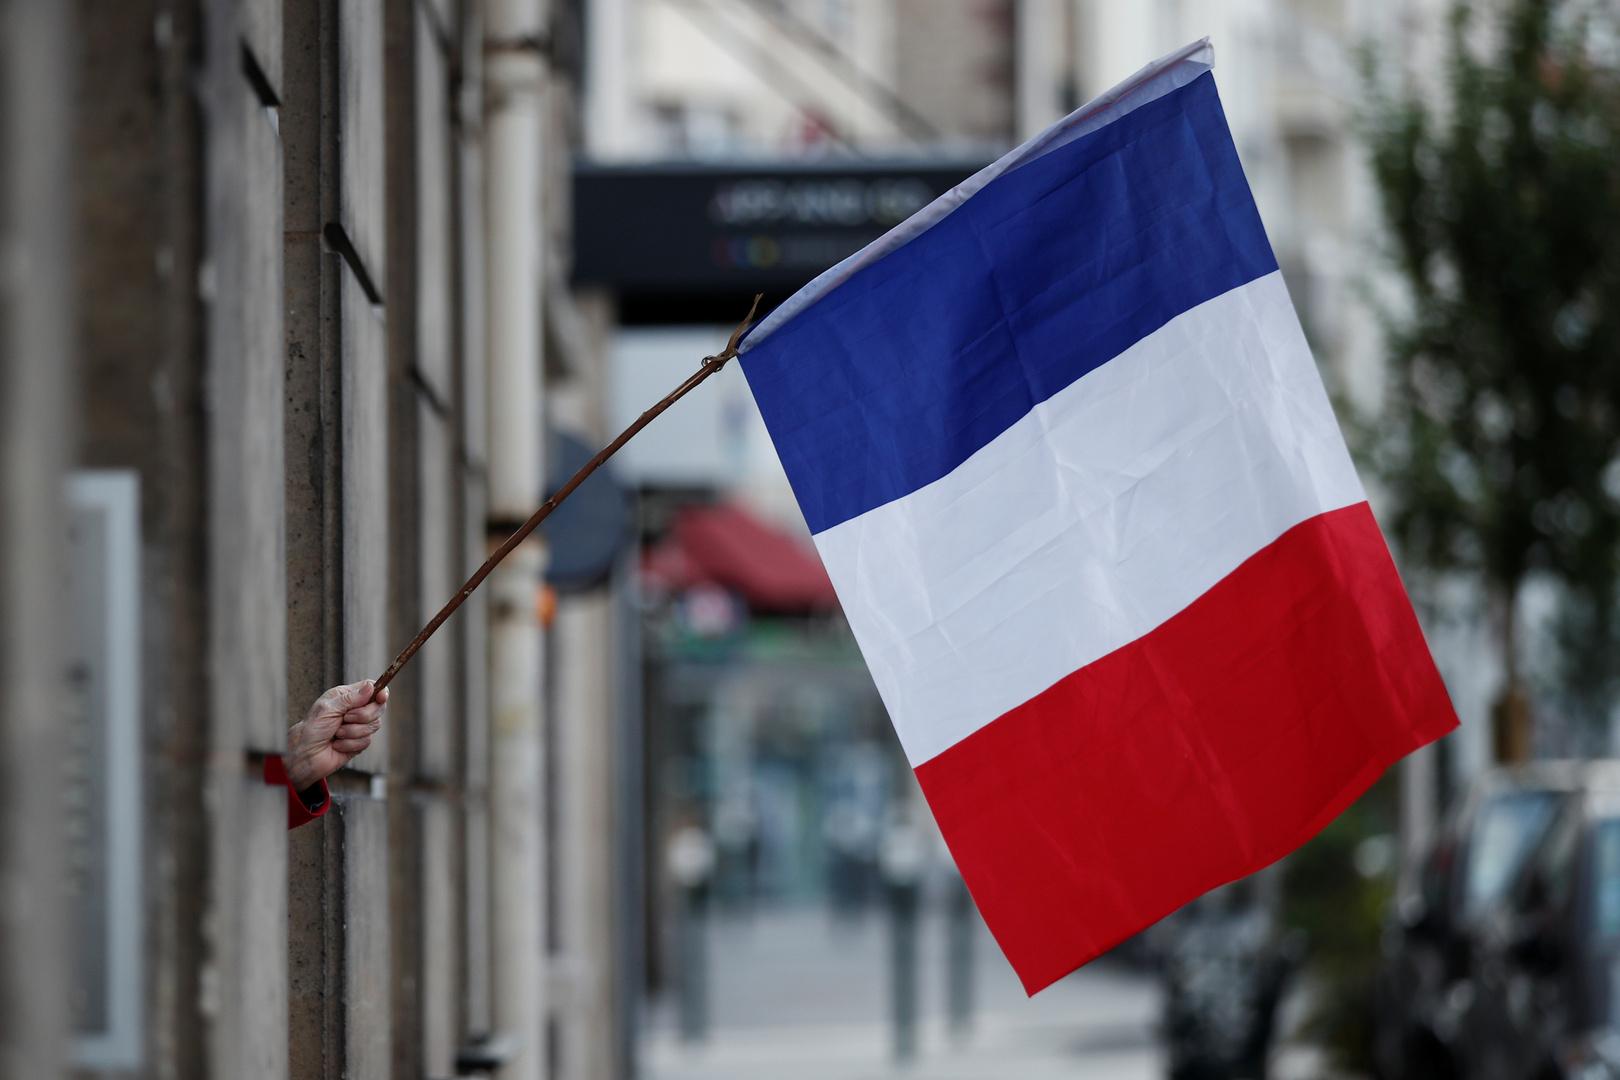 الرئاسة الفرنسية: ماكرون بحث مع بوتين الأوضاع في أوكرانيا وليبيا